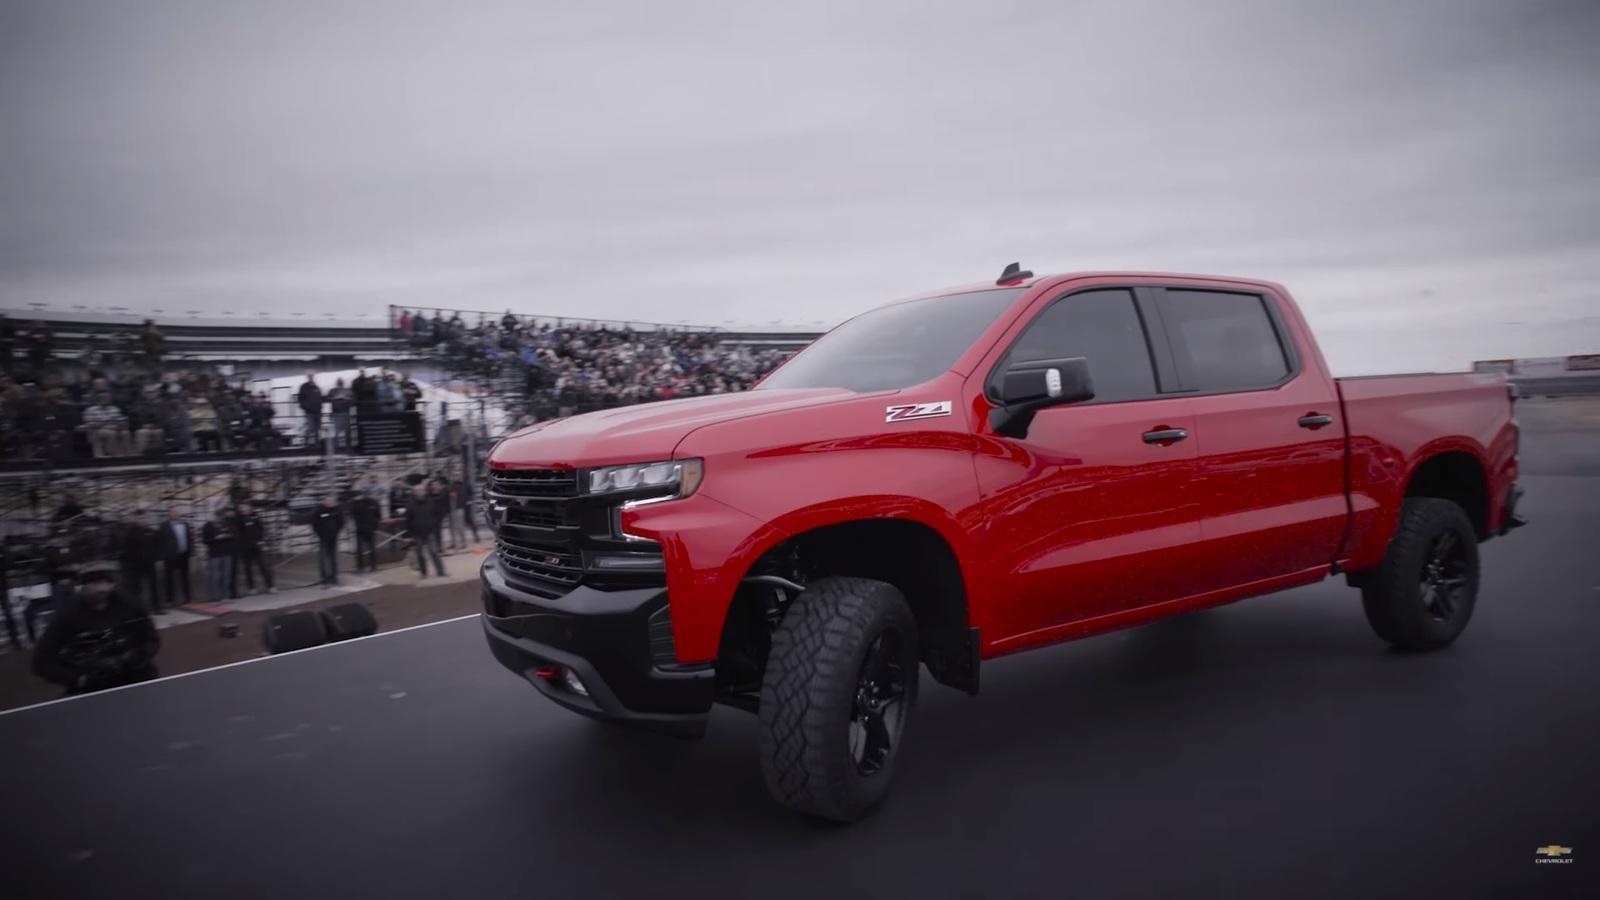 2019 Chevrolet Silverado * Price * Release date * Specs ...